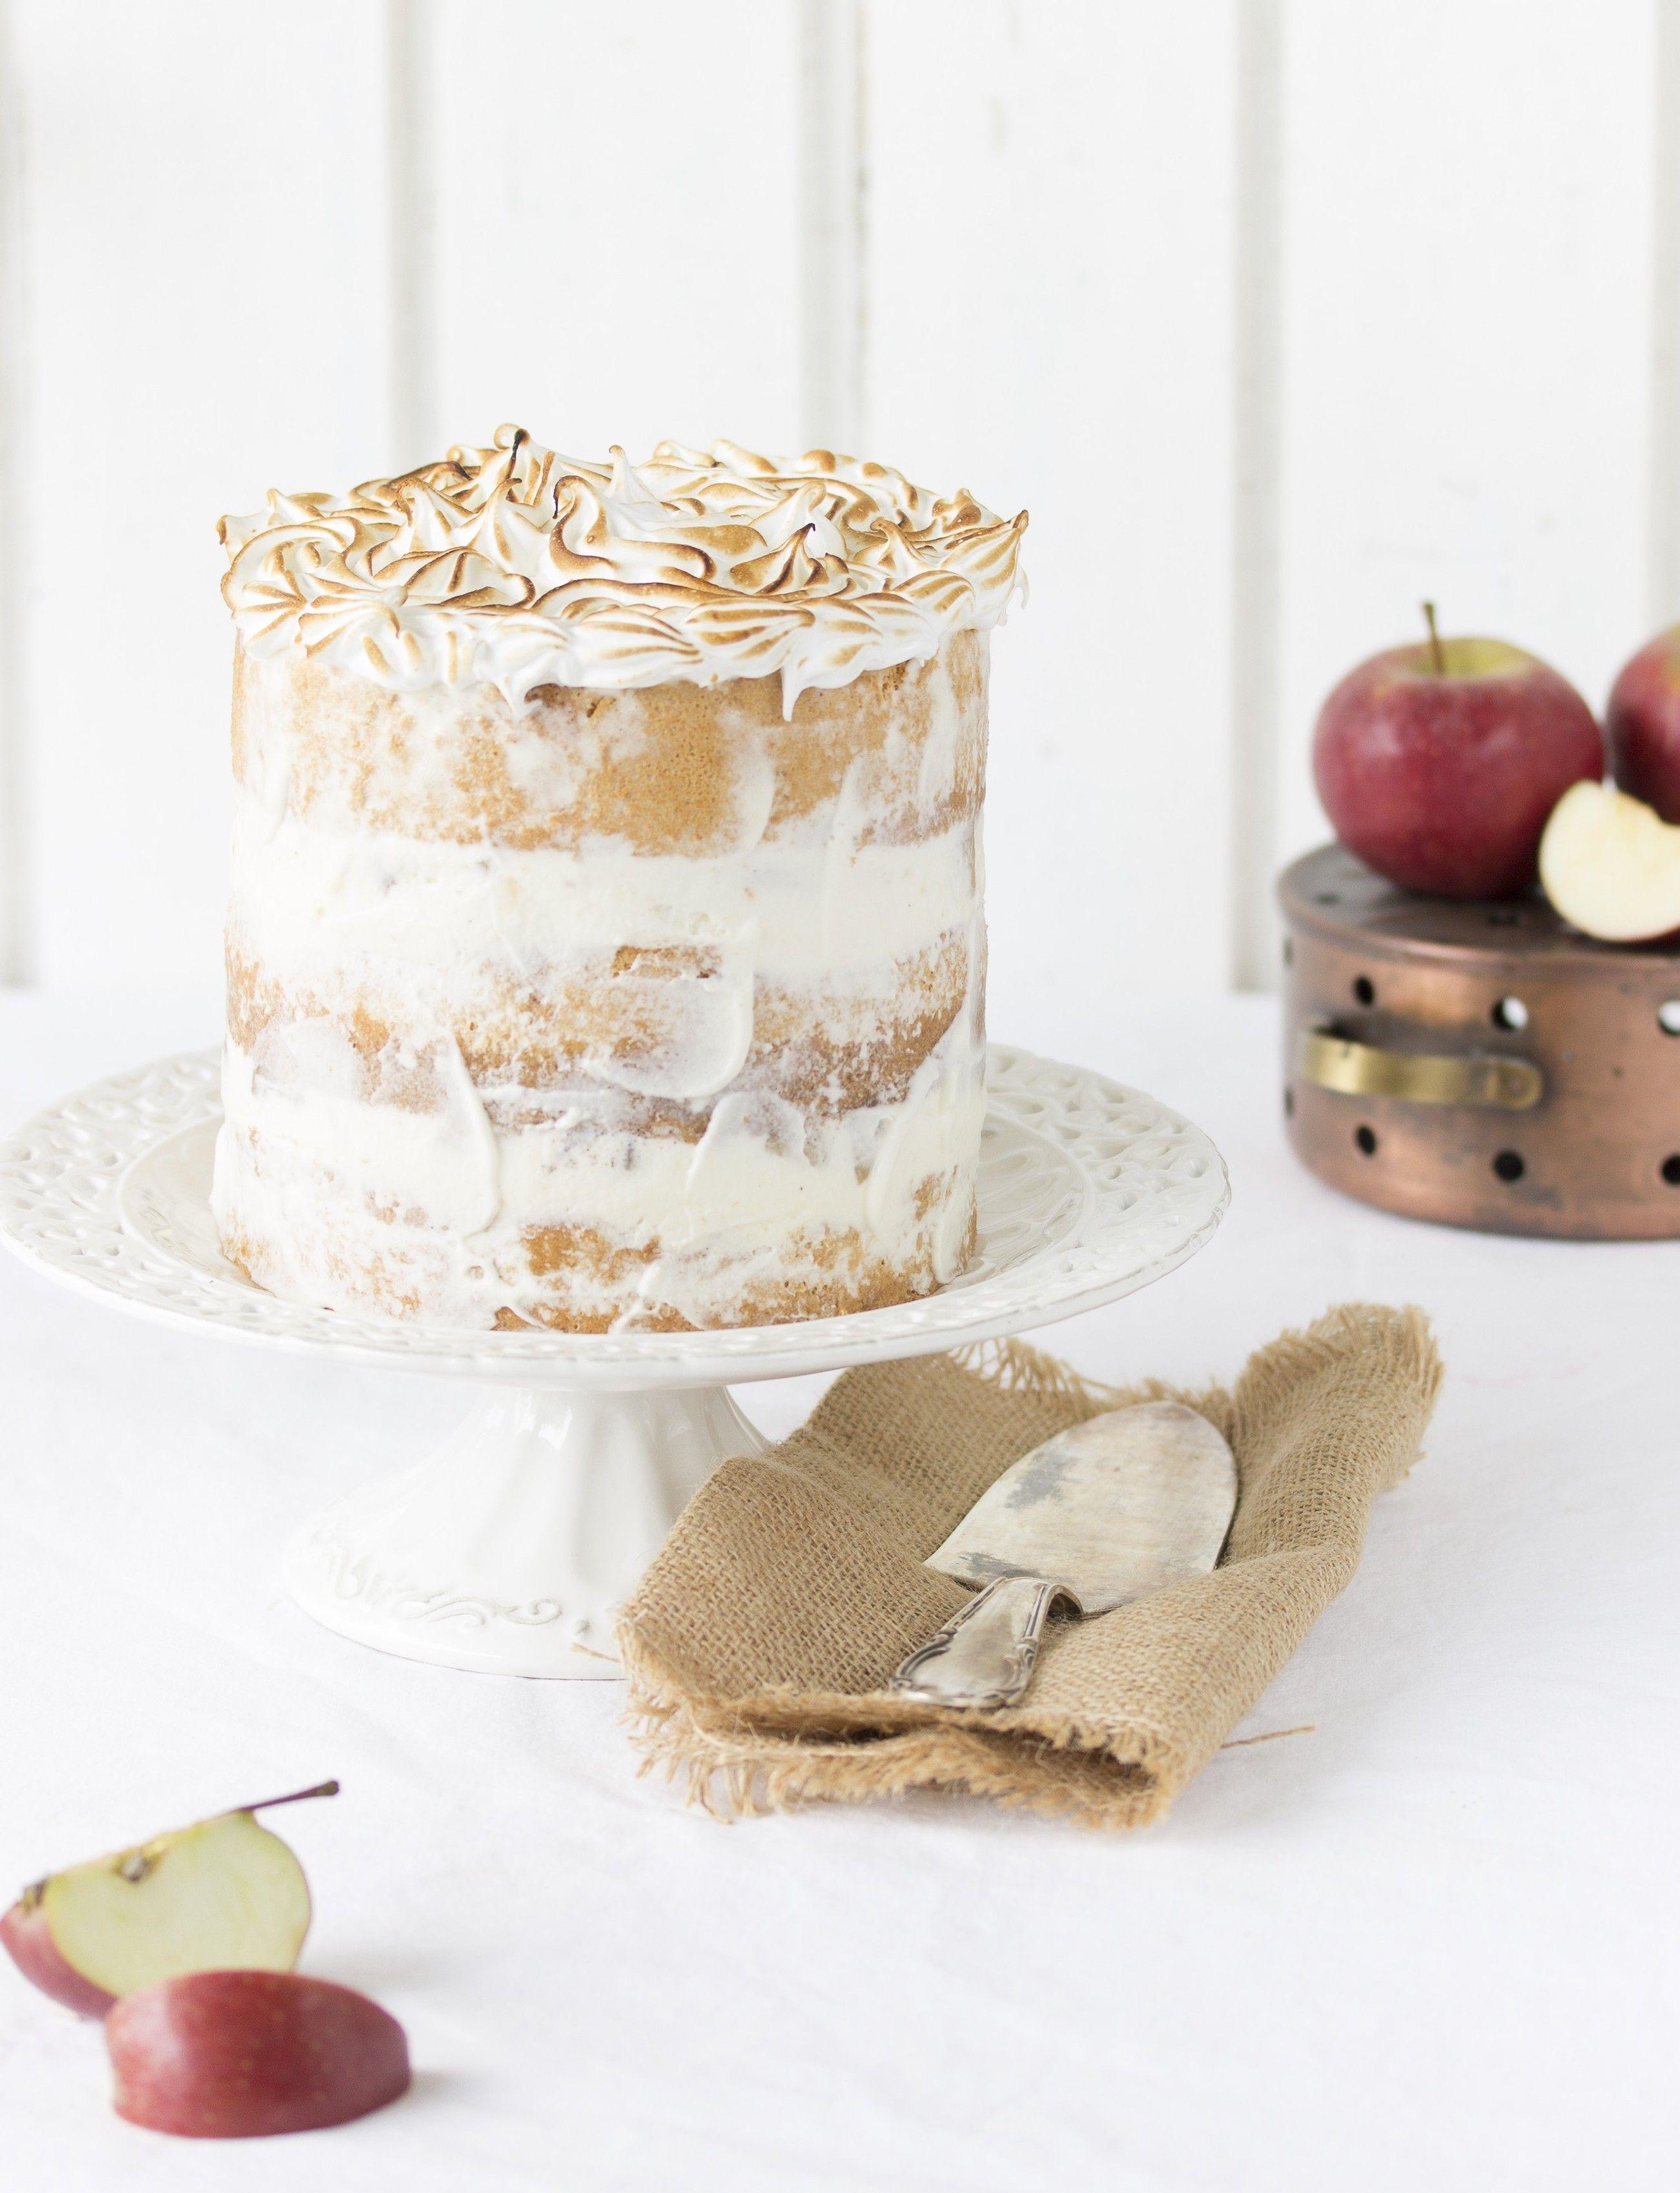 Apfel Baiser Torte Torten Kuchen Tartes Usw Pinterest